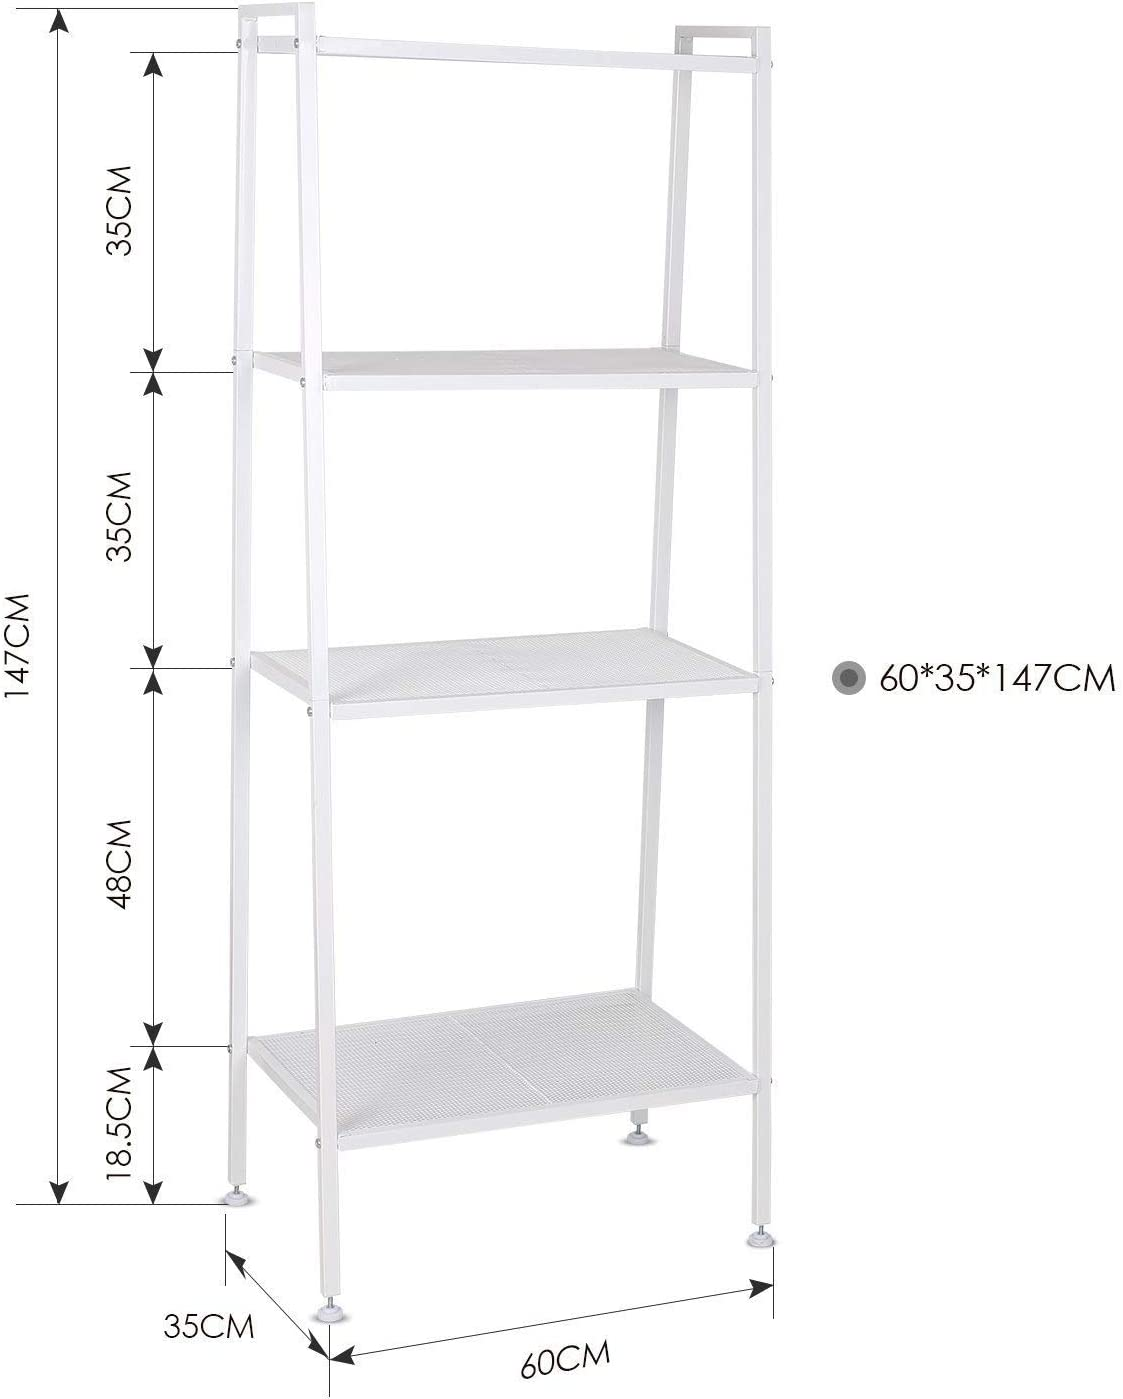 Homfa Estantería de Escalera Estantería Metálica para Baño Salón Terraza con 4 Niveles de Malla de Color Blanco 60x35x147cm: Amazon.es: Hogar